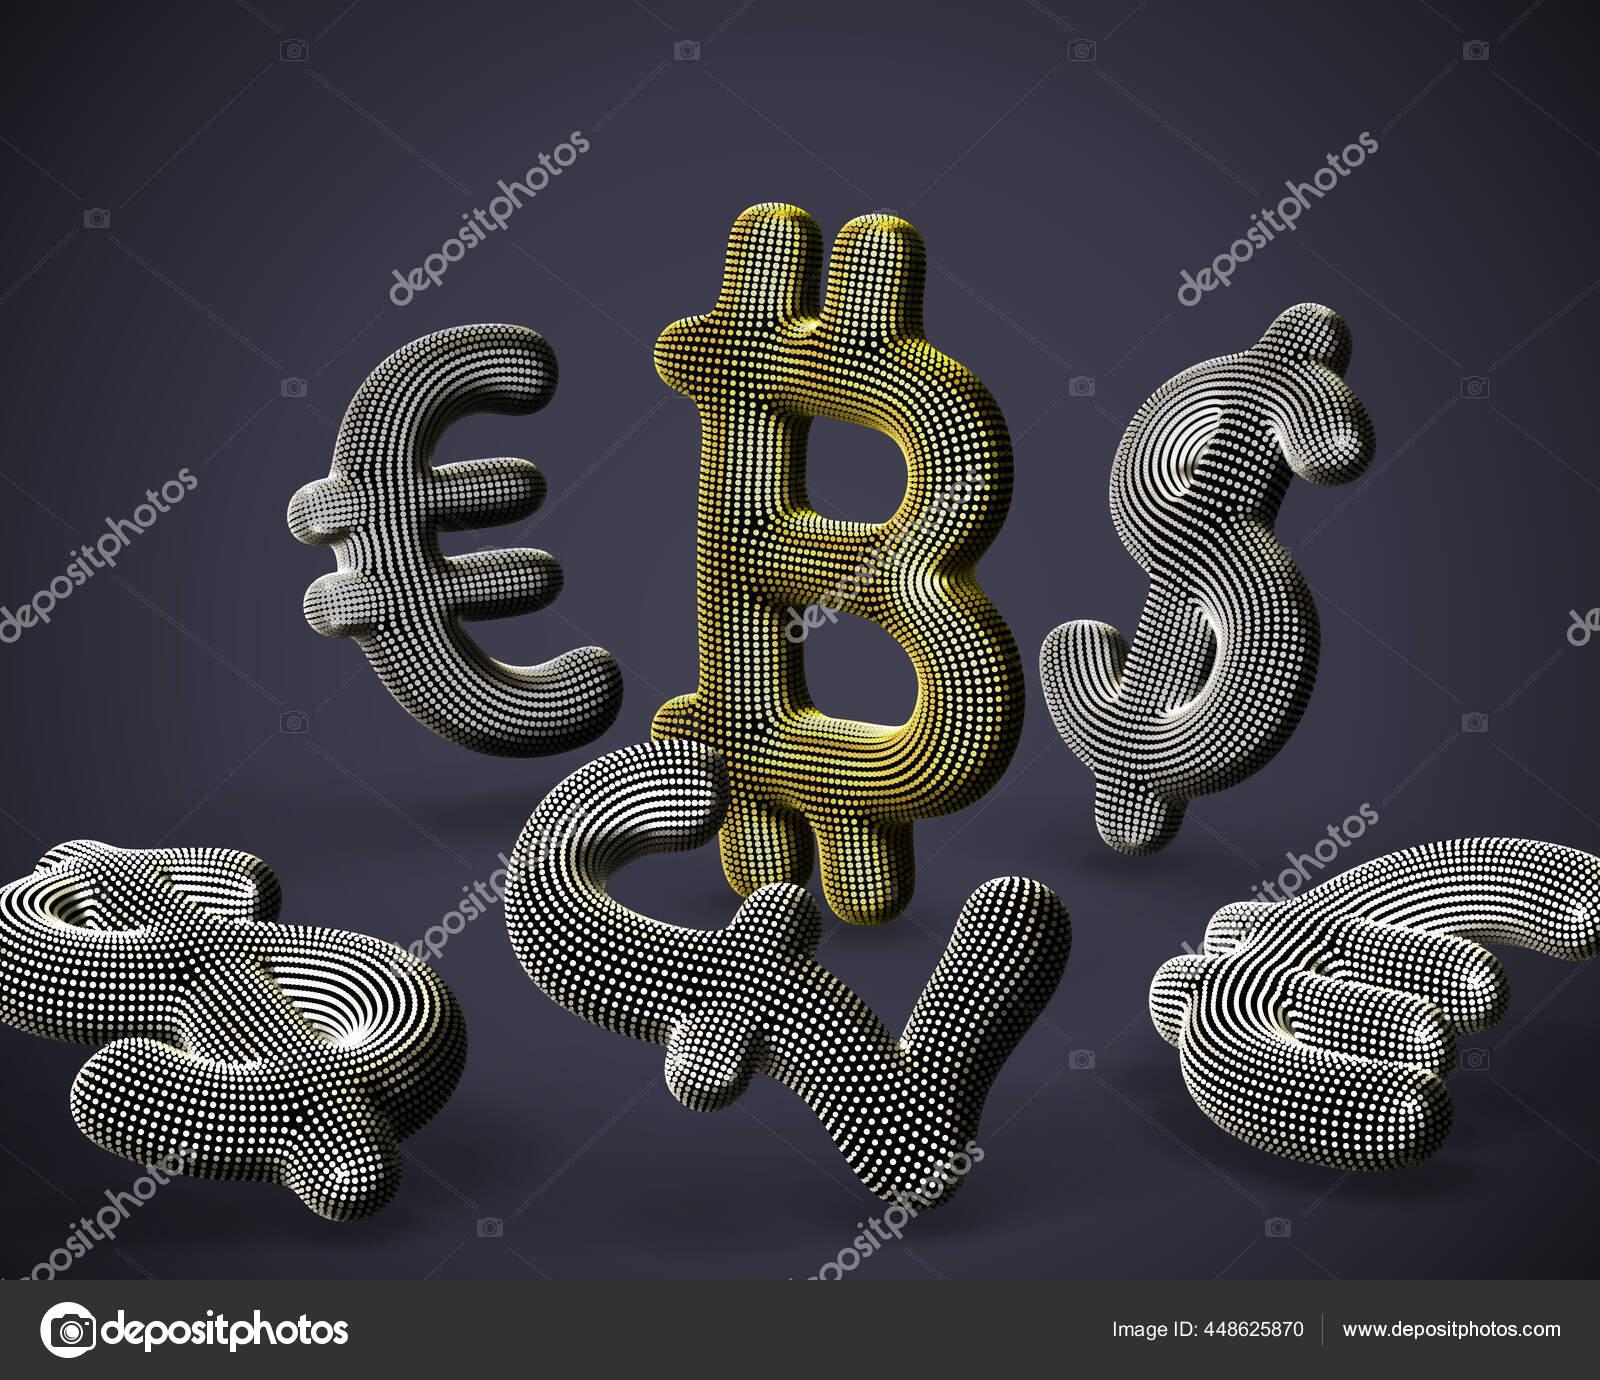 Previsão de preço de criptografia zilliqa